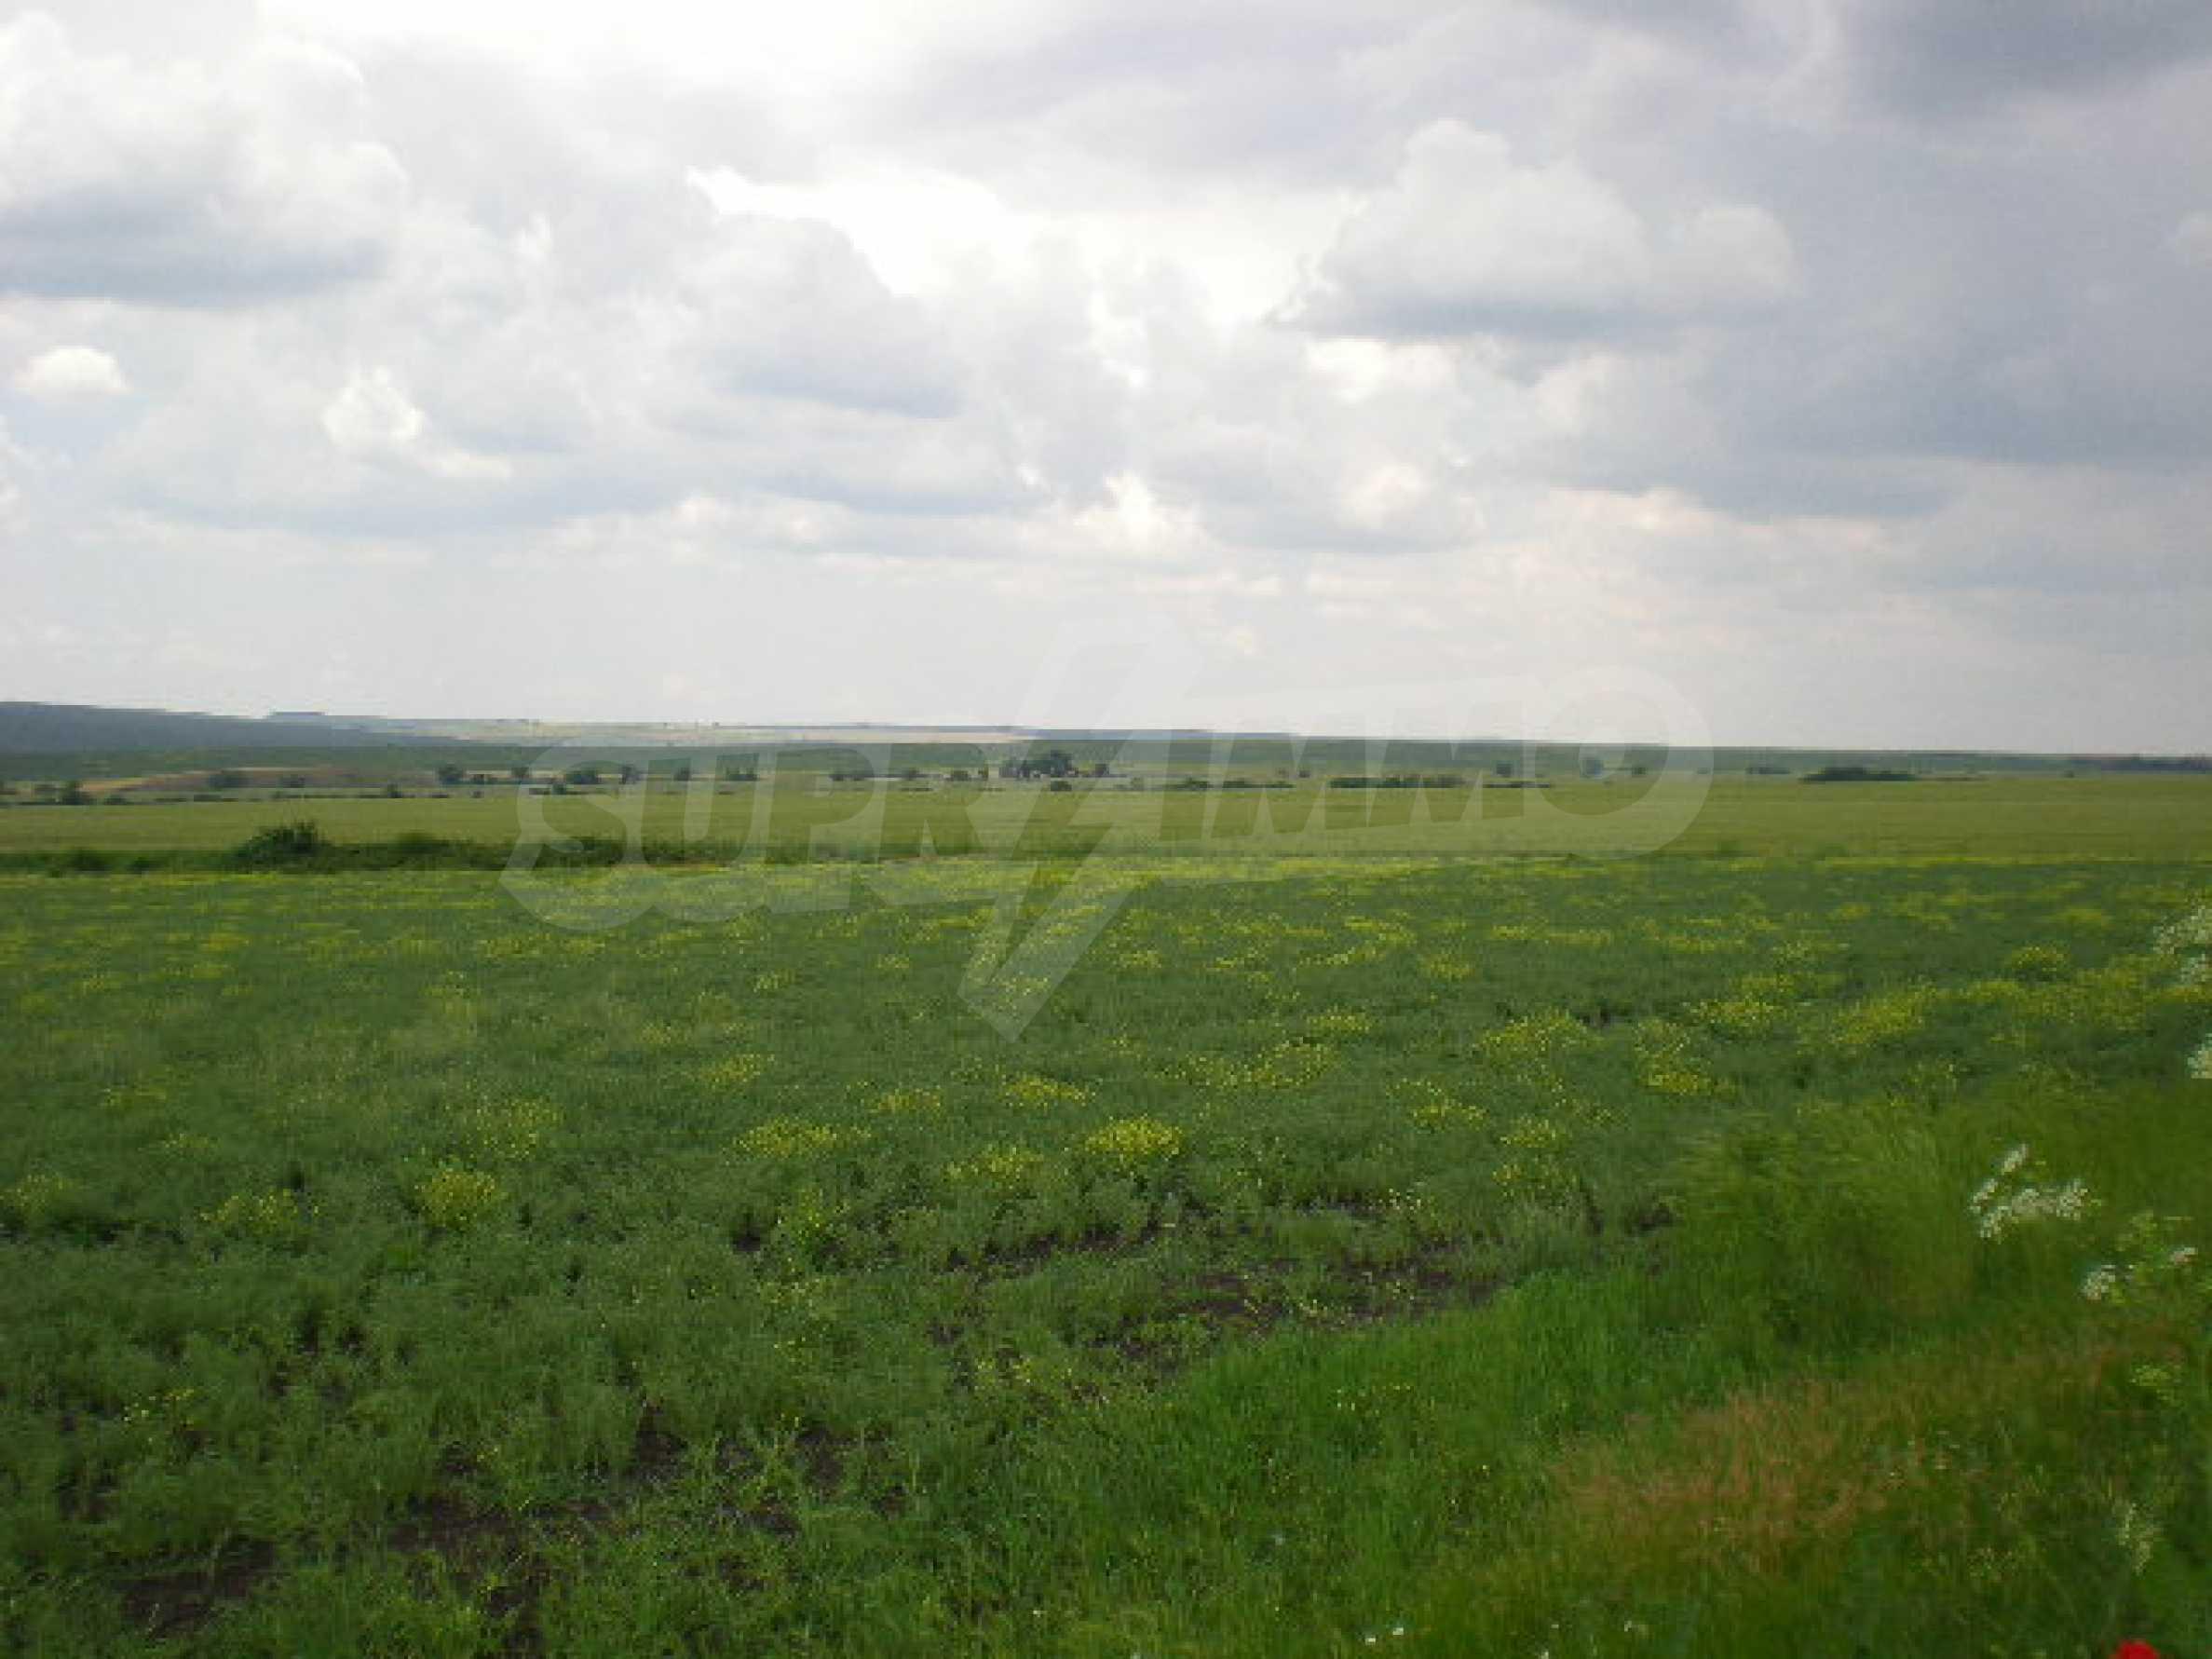 Огромный участок сельскохозяйственной земли недалеко от магистрали 3